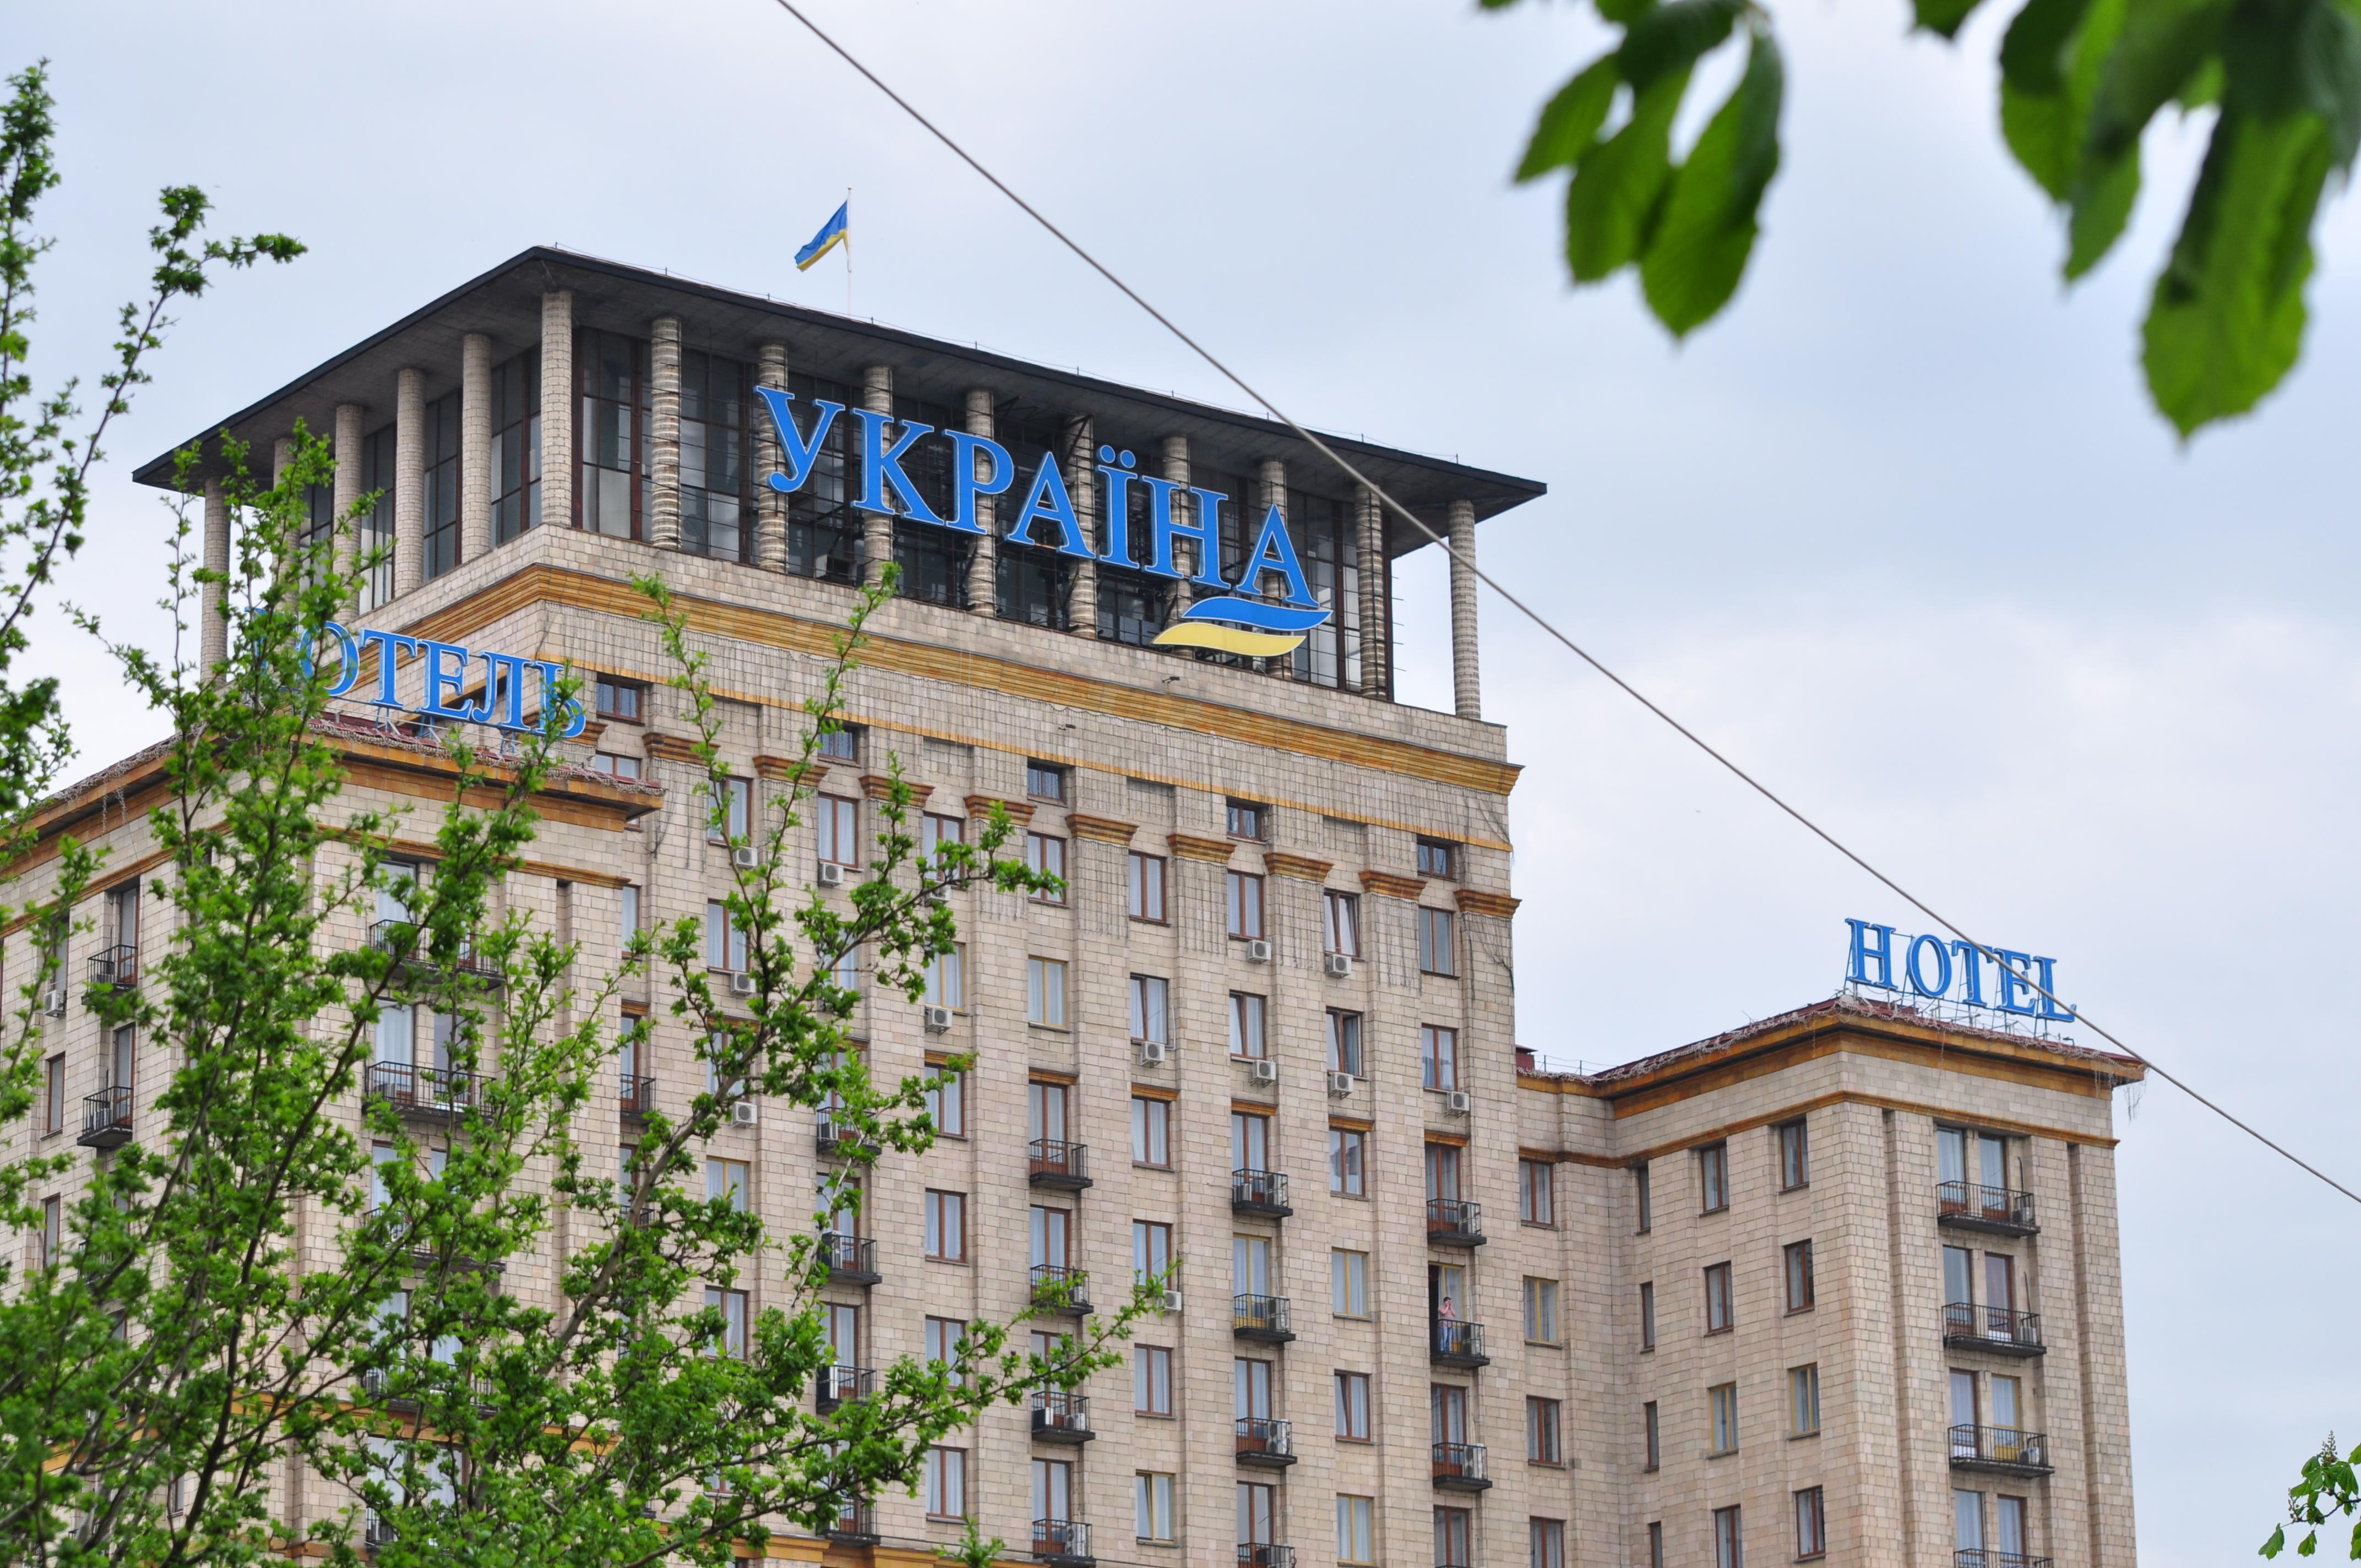 Ukraine in Turmoil: a Local View